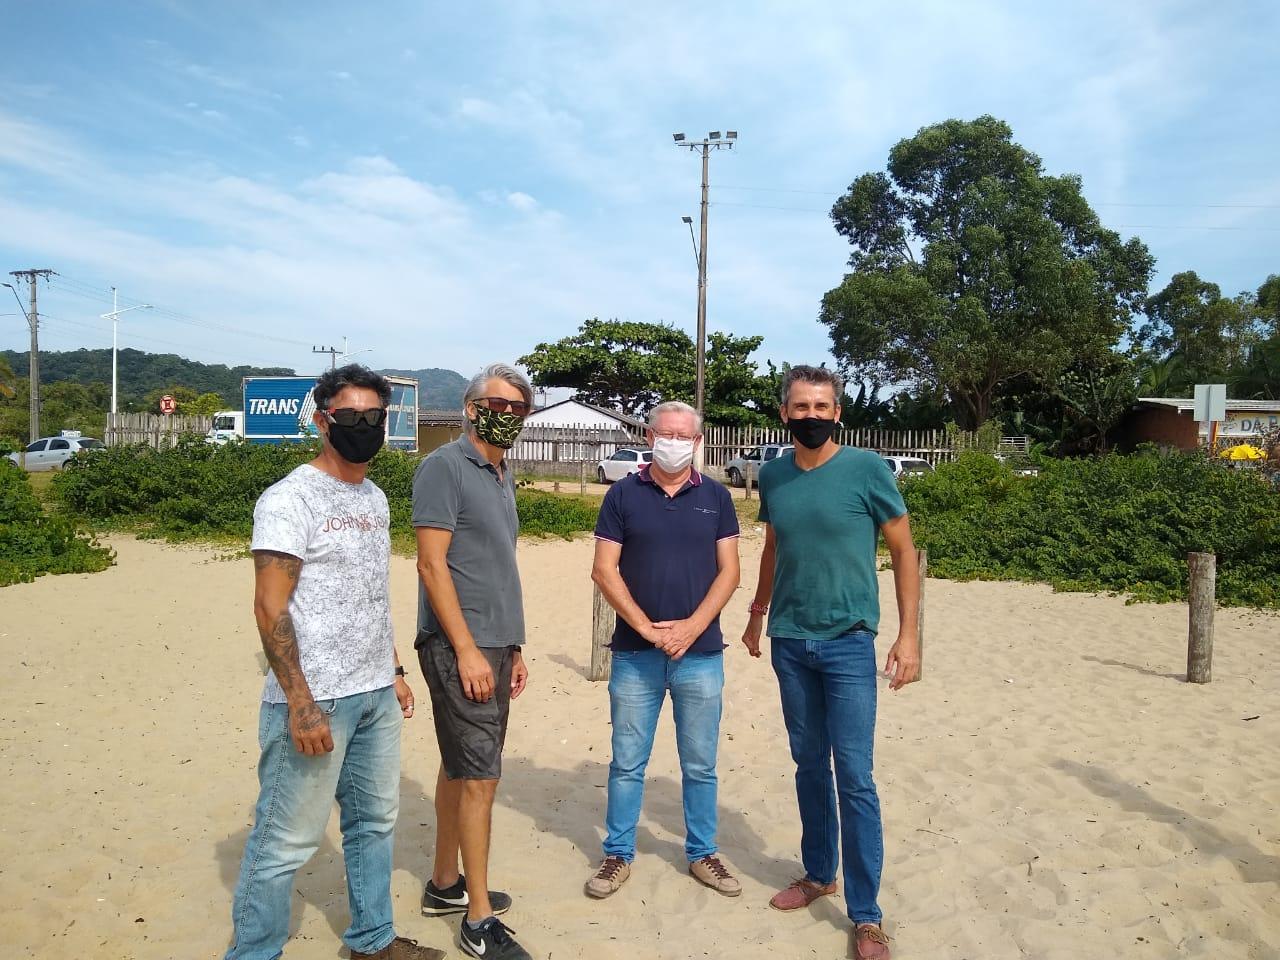 Turismo de AVENTURA: Balneário Piçarras se prepara para implantar mais um atrativo turístico, o parapente motorizado